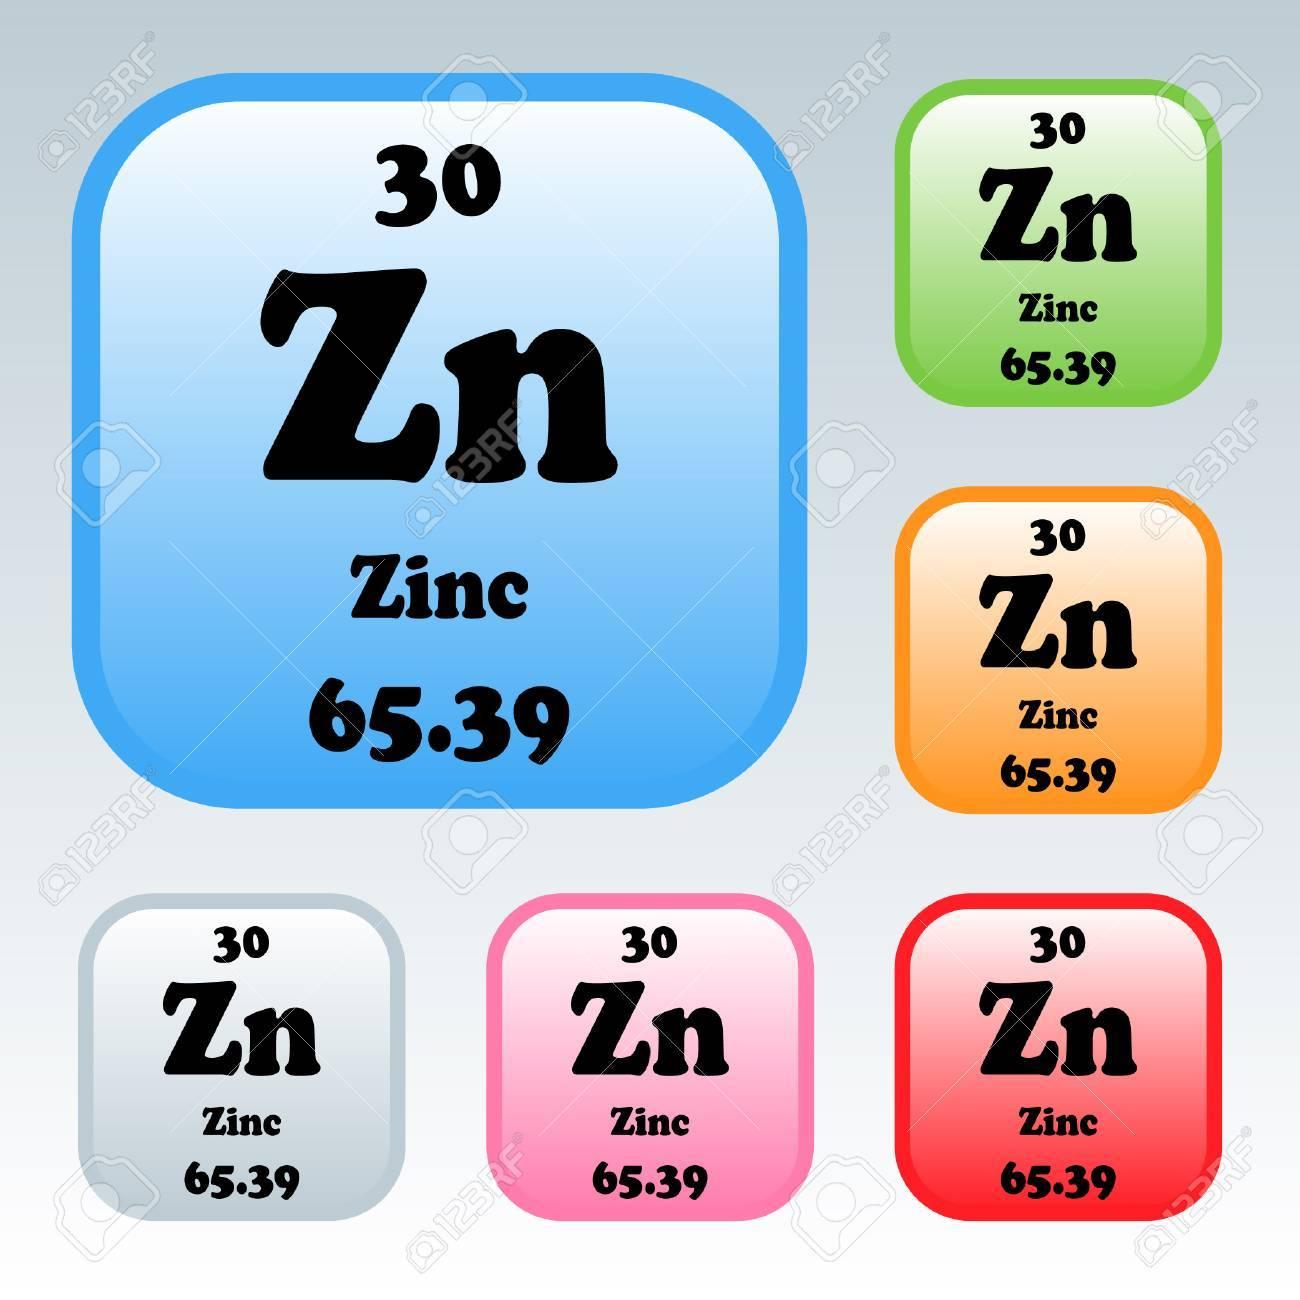 La tabla peridica de los elementos de zinc ilustraciones foto de archivo la tabla peridica de los elementos de zinc urtaz Images